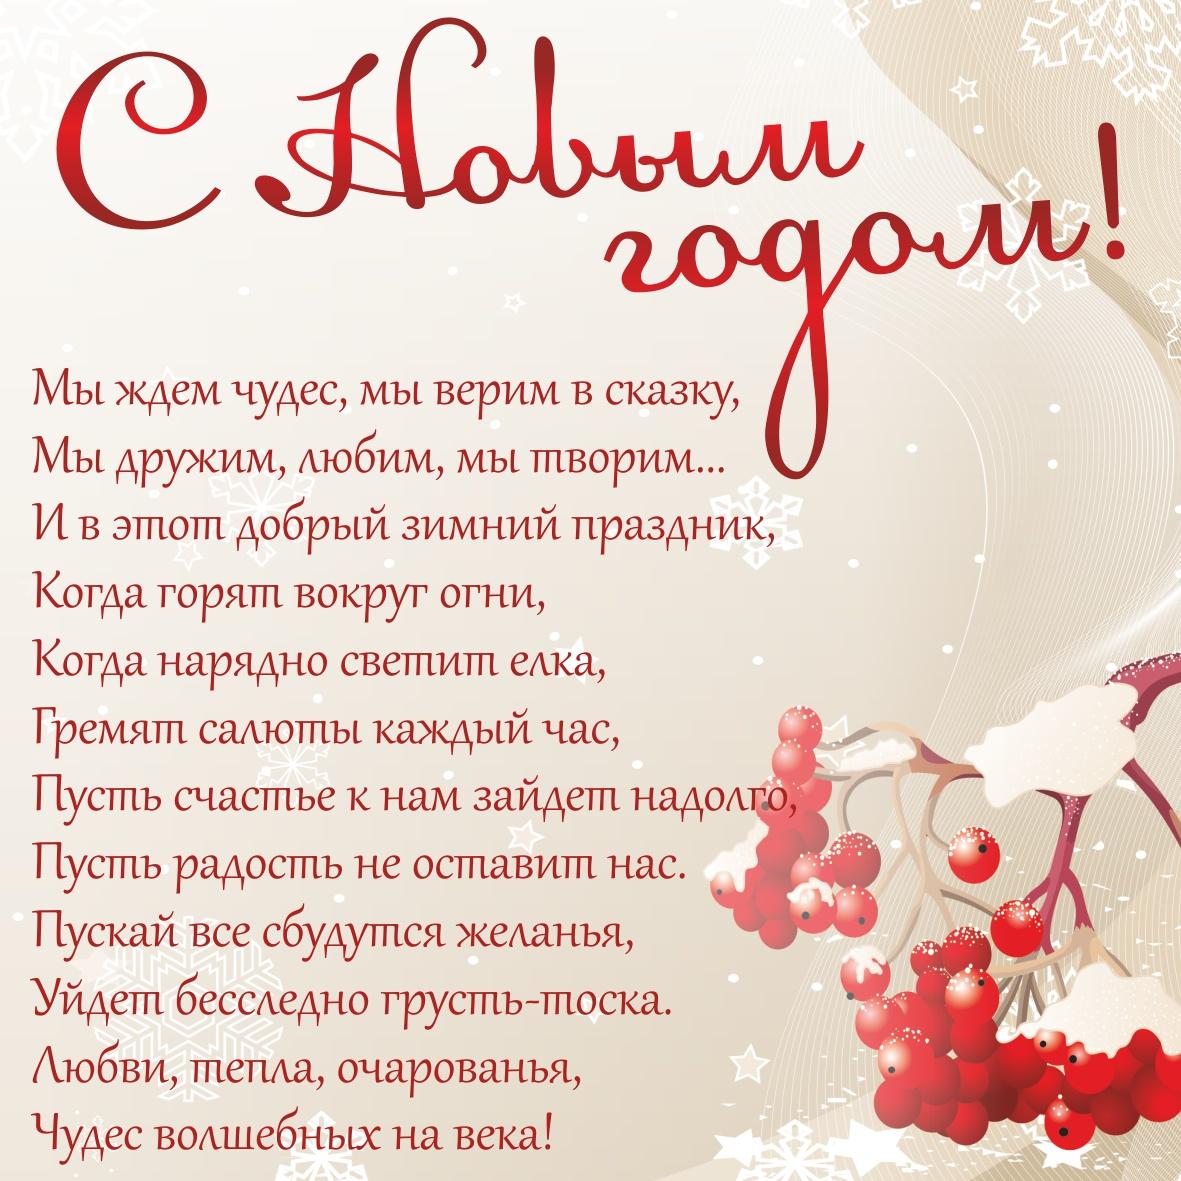 открытка с поздравлениями нового года в стихах